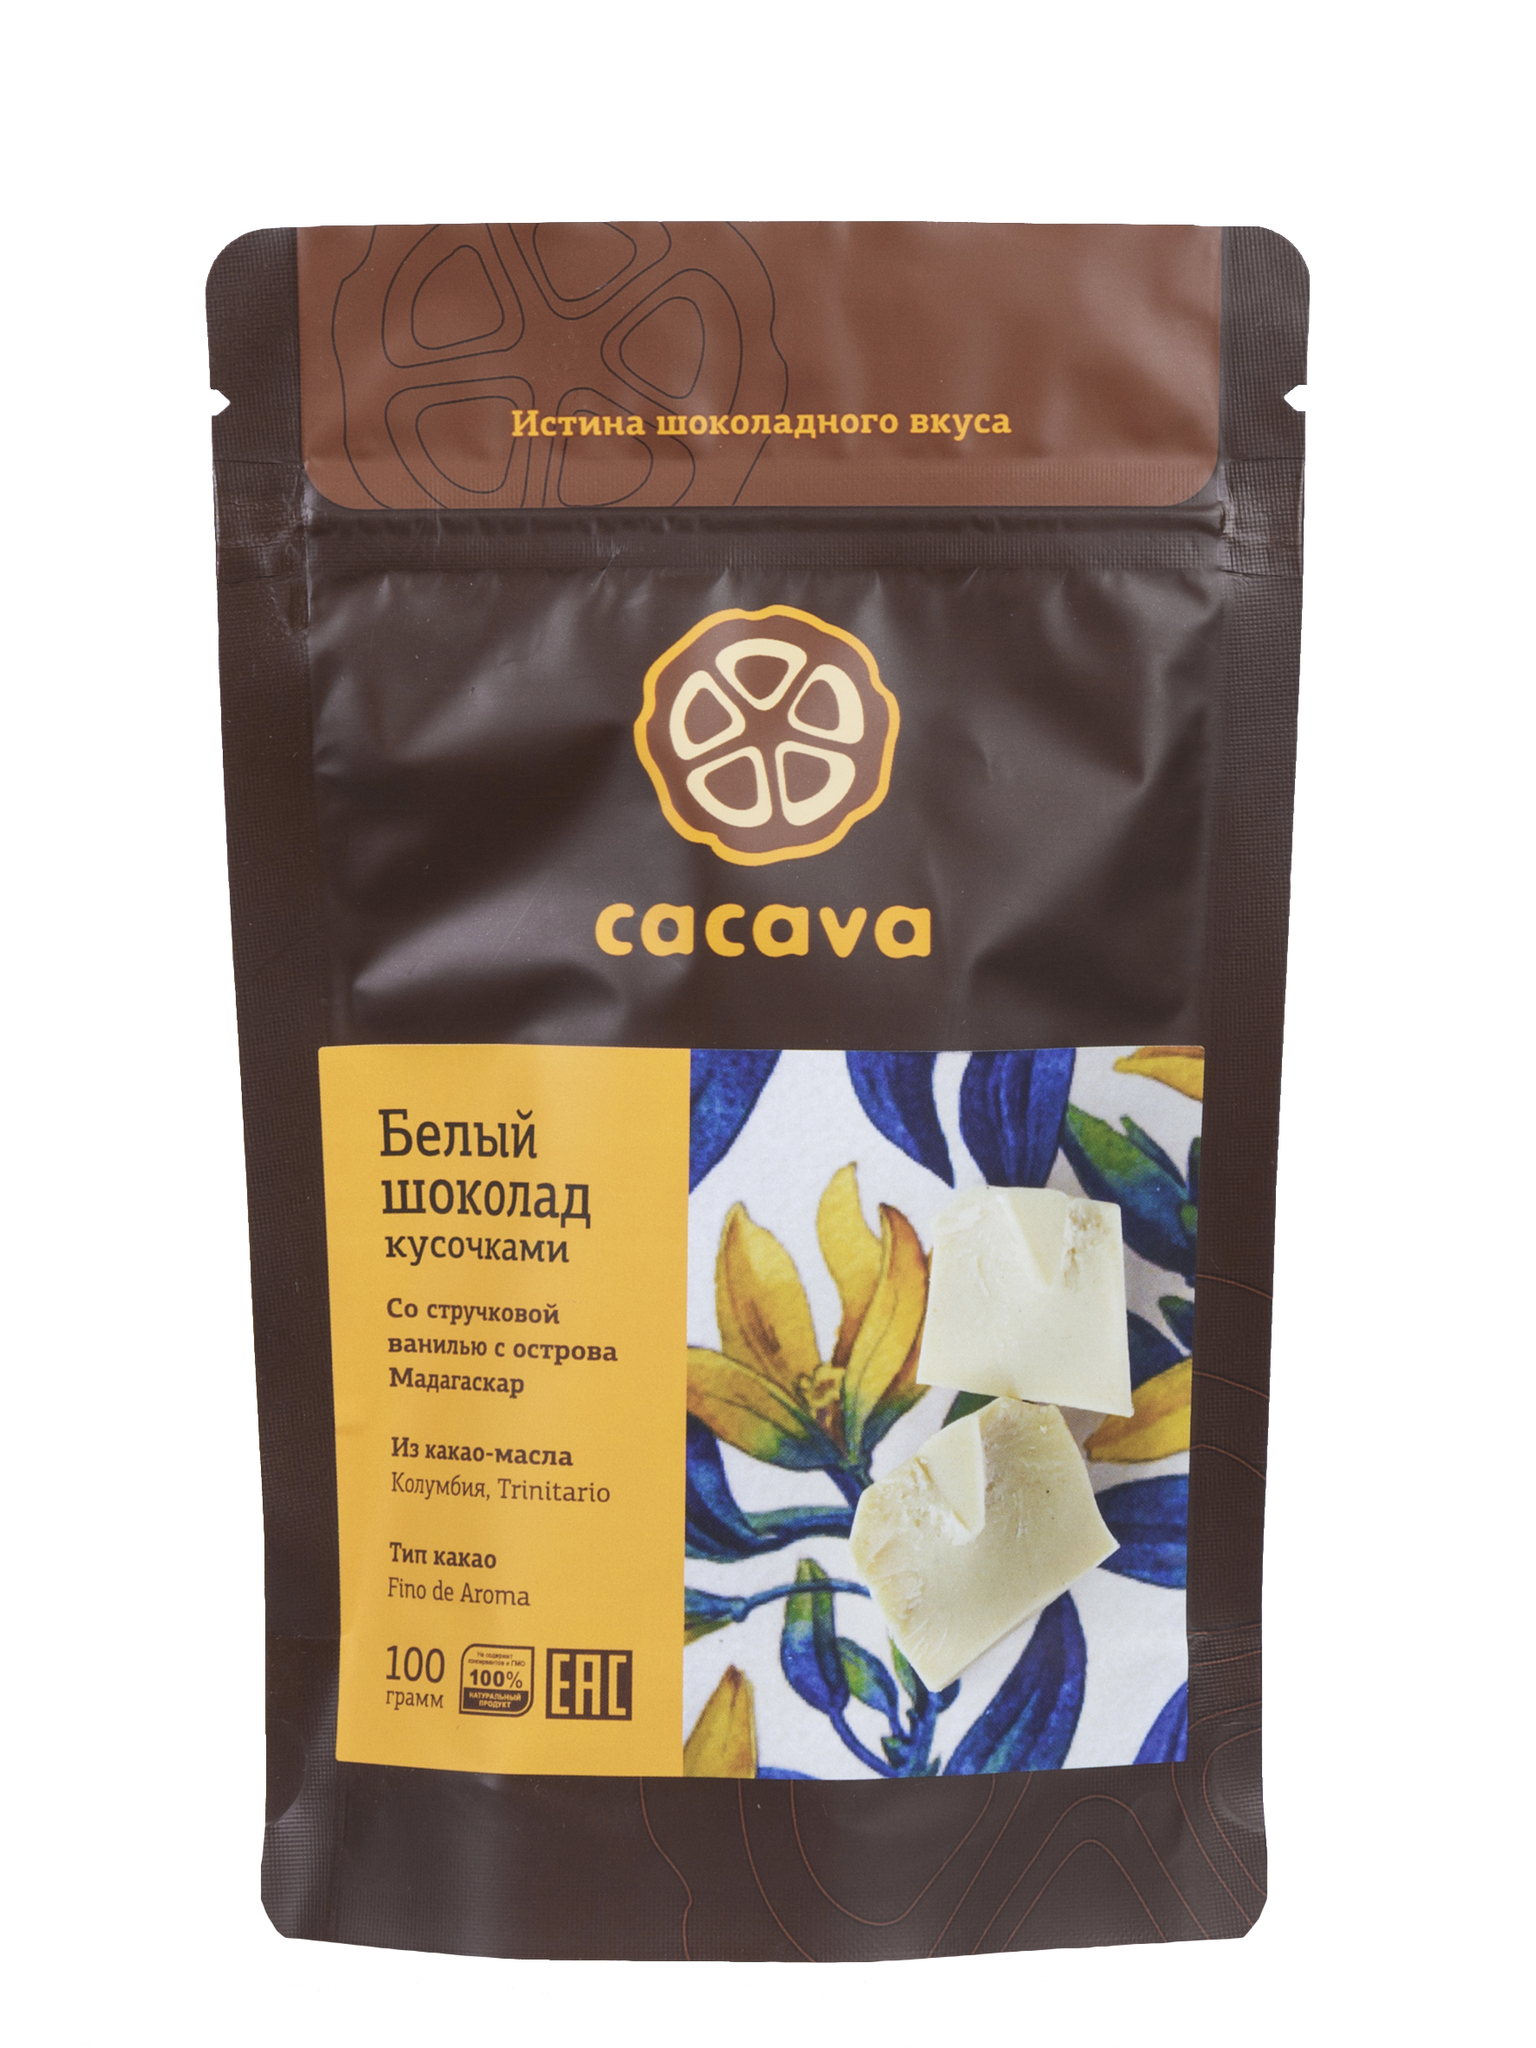 Белый шоколад с мадагаскарской ванилью, упаковка 100 грамм